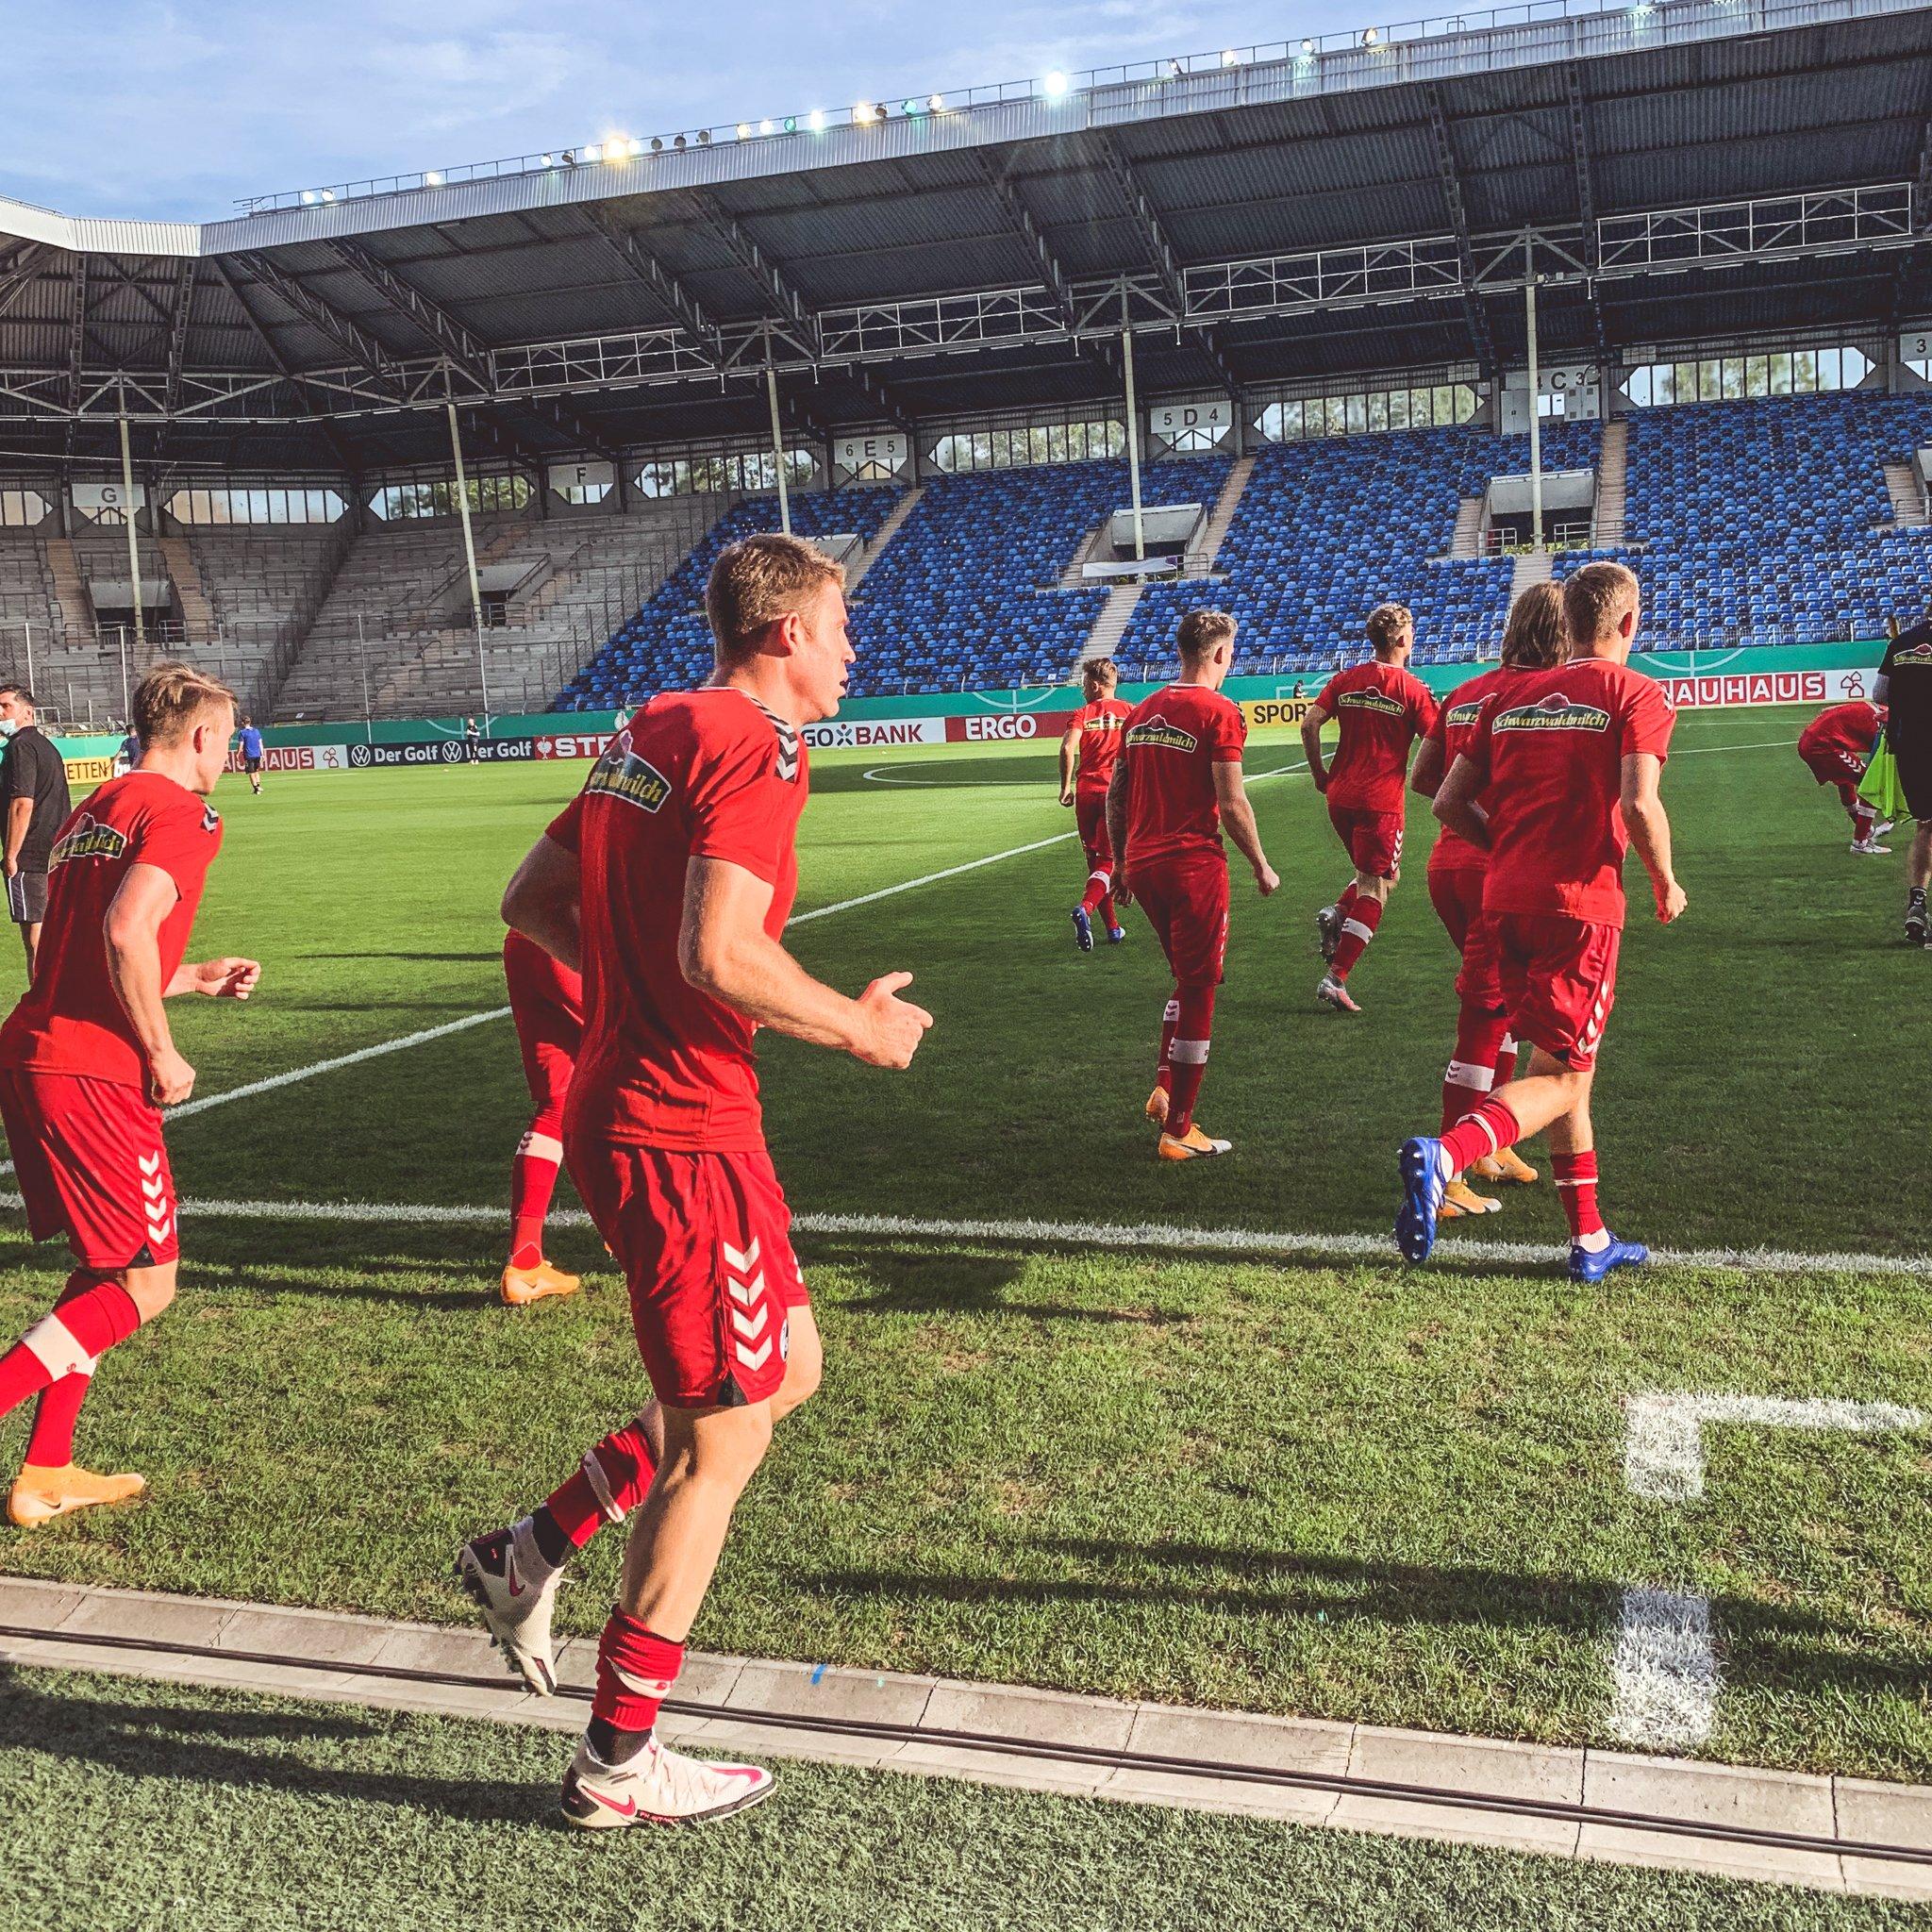 El Freiburg (Bundesliga) la pasada semana en el partido de DFB-Pokal